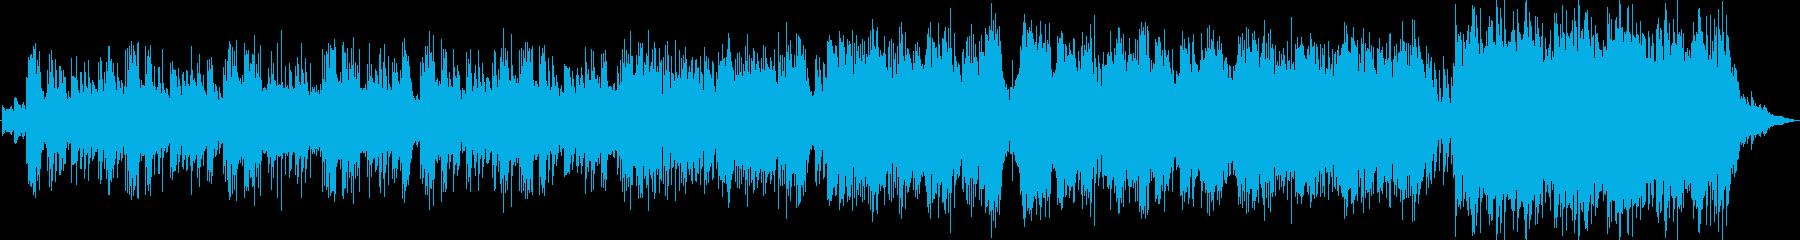 暖かくて癒やされるピアノメインのワルツの再生済みの波形